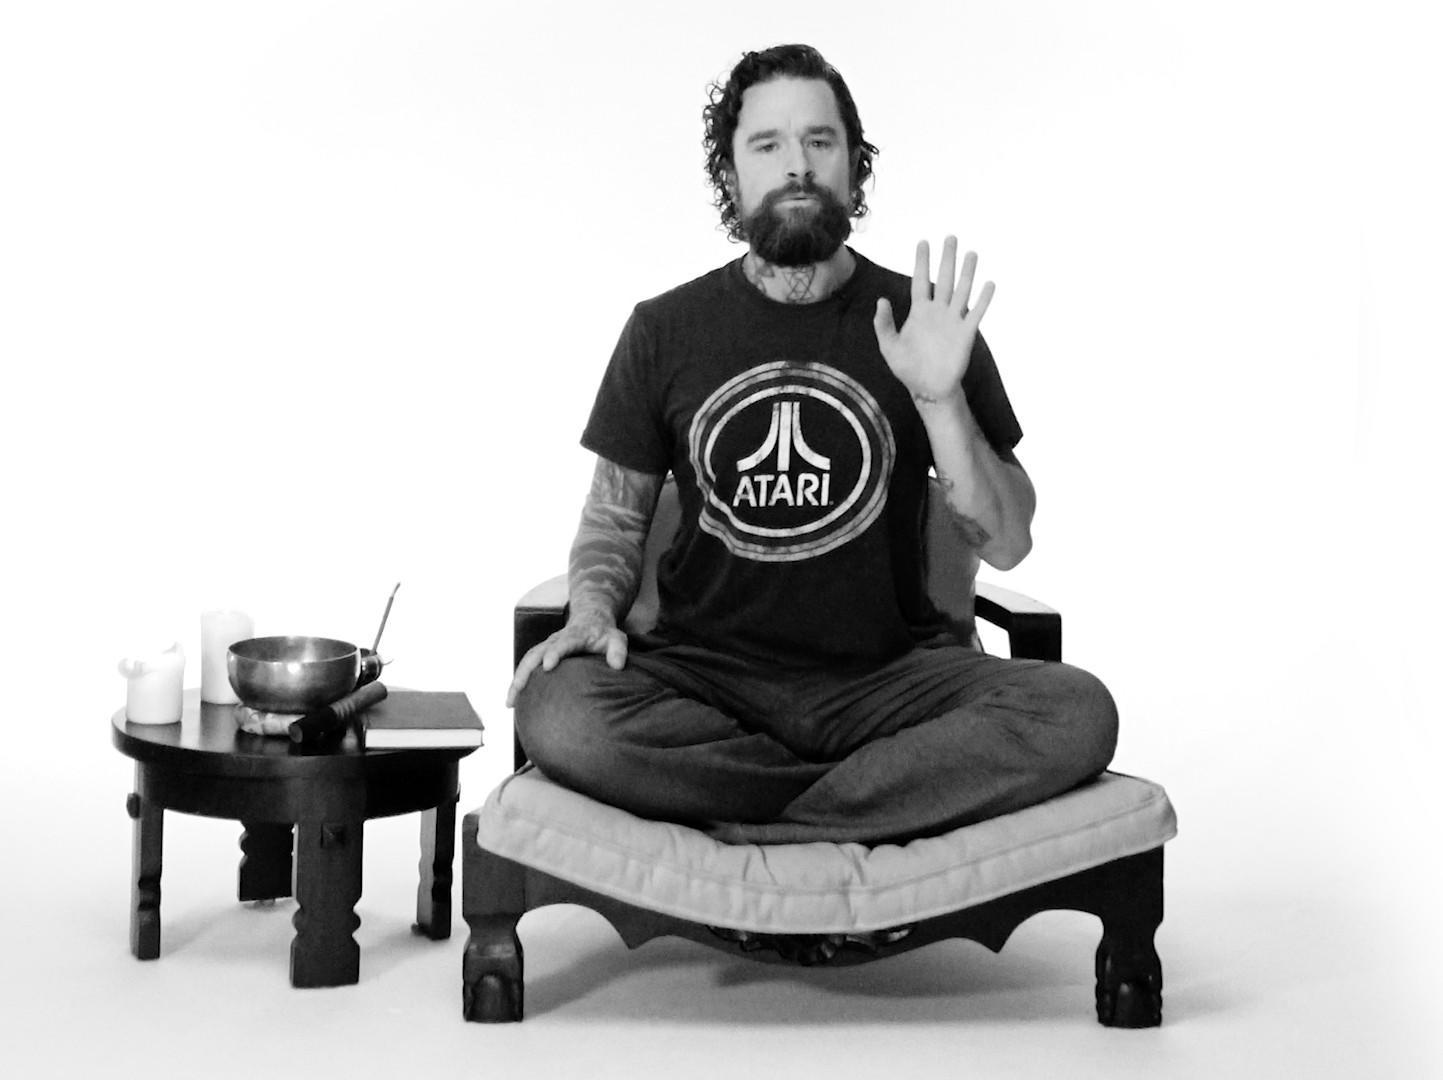 Aaron Patrick, yoga teacher, sits on a meditation chair